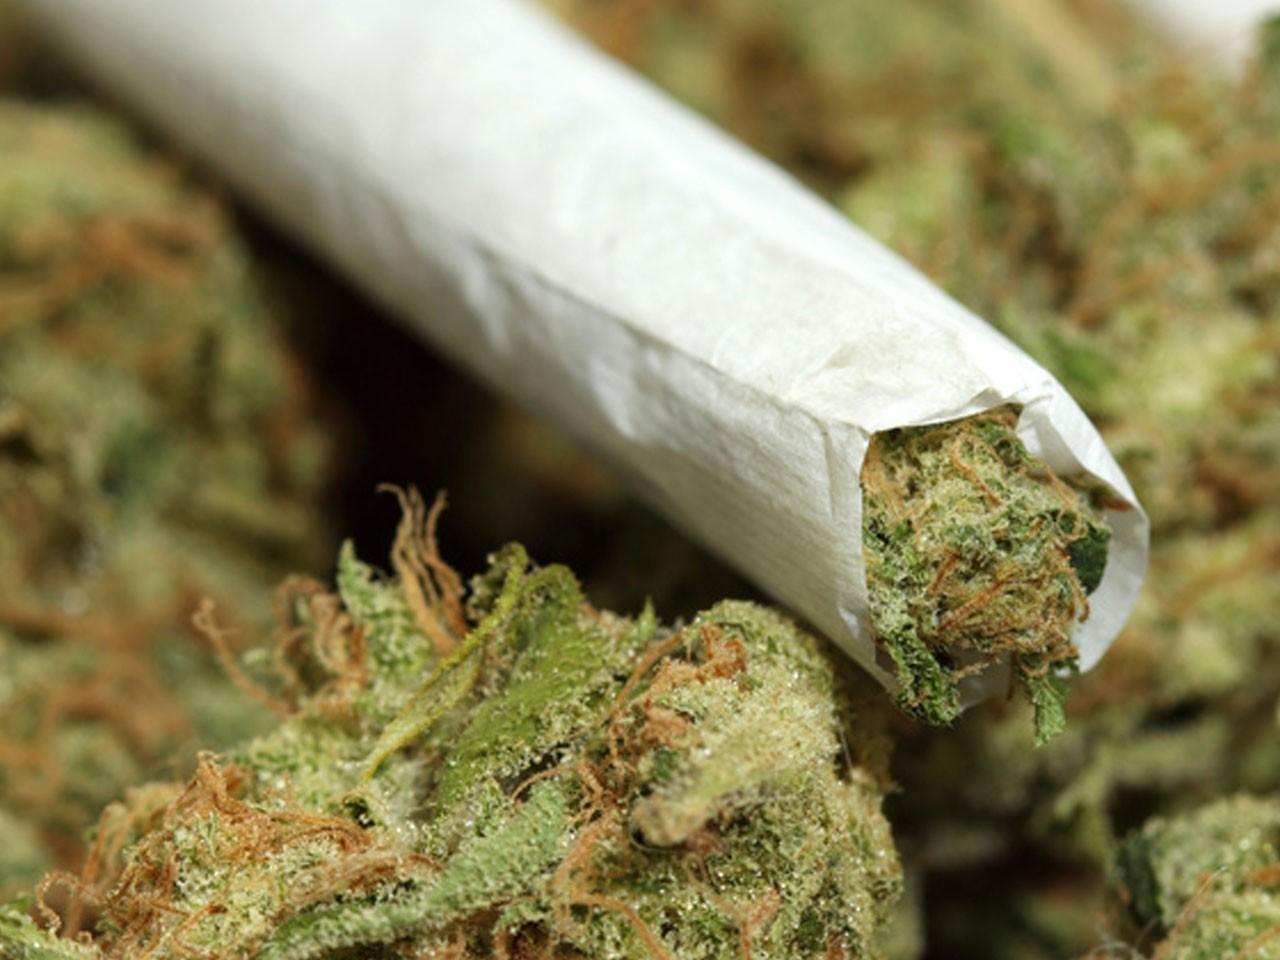 Drug marijuana.